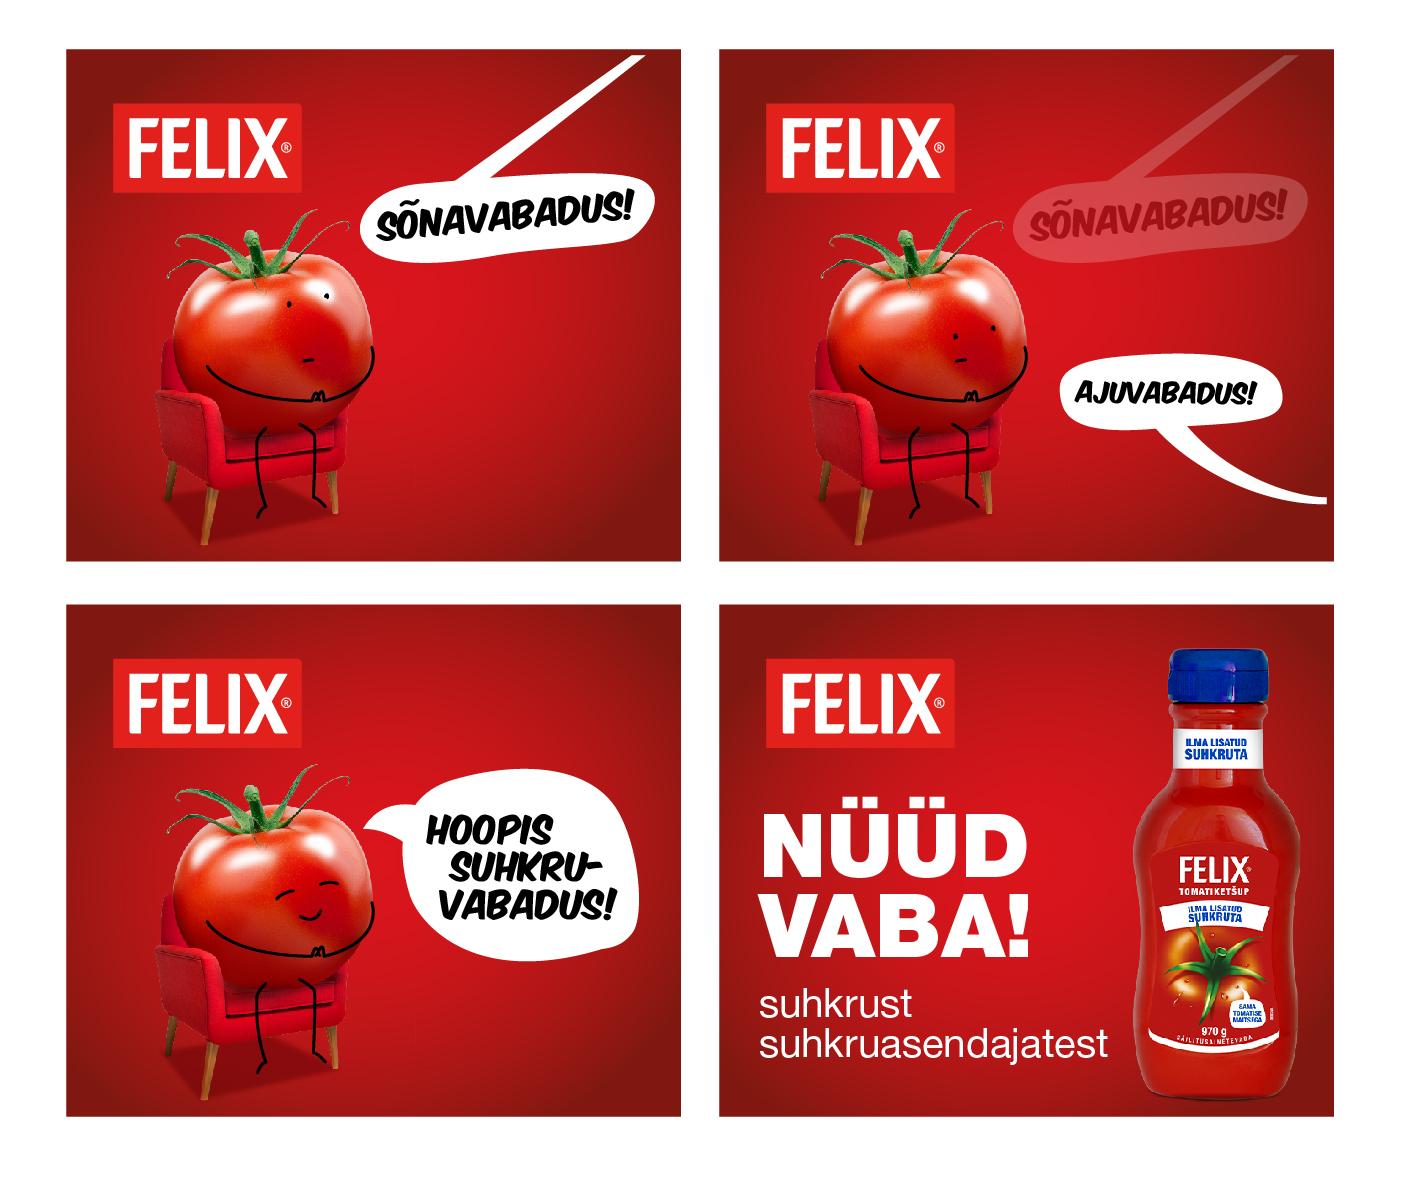 Felix – Tonight with Felix